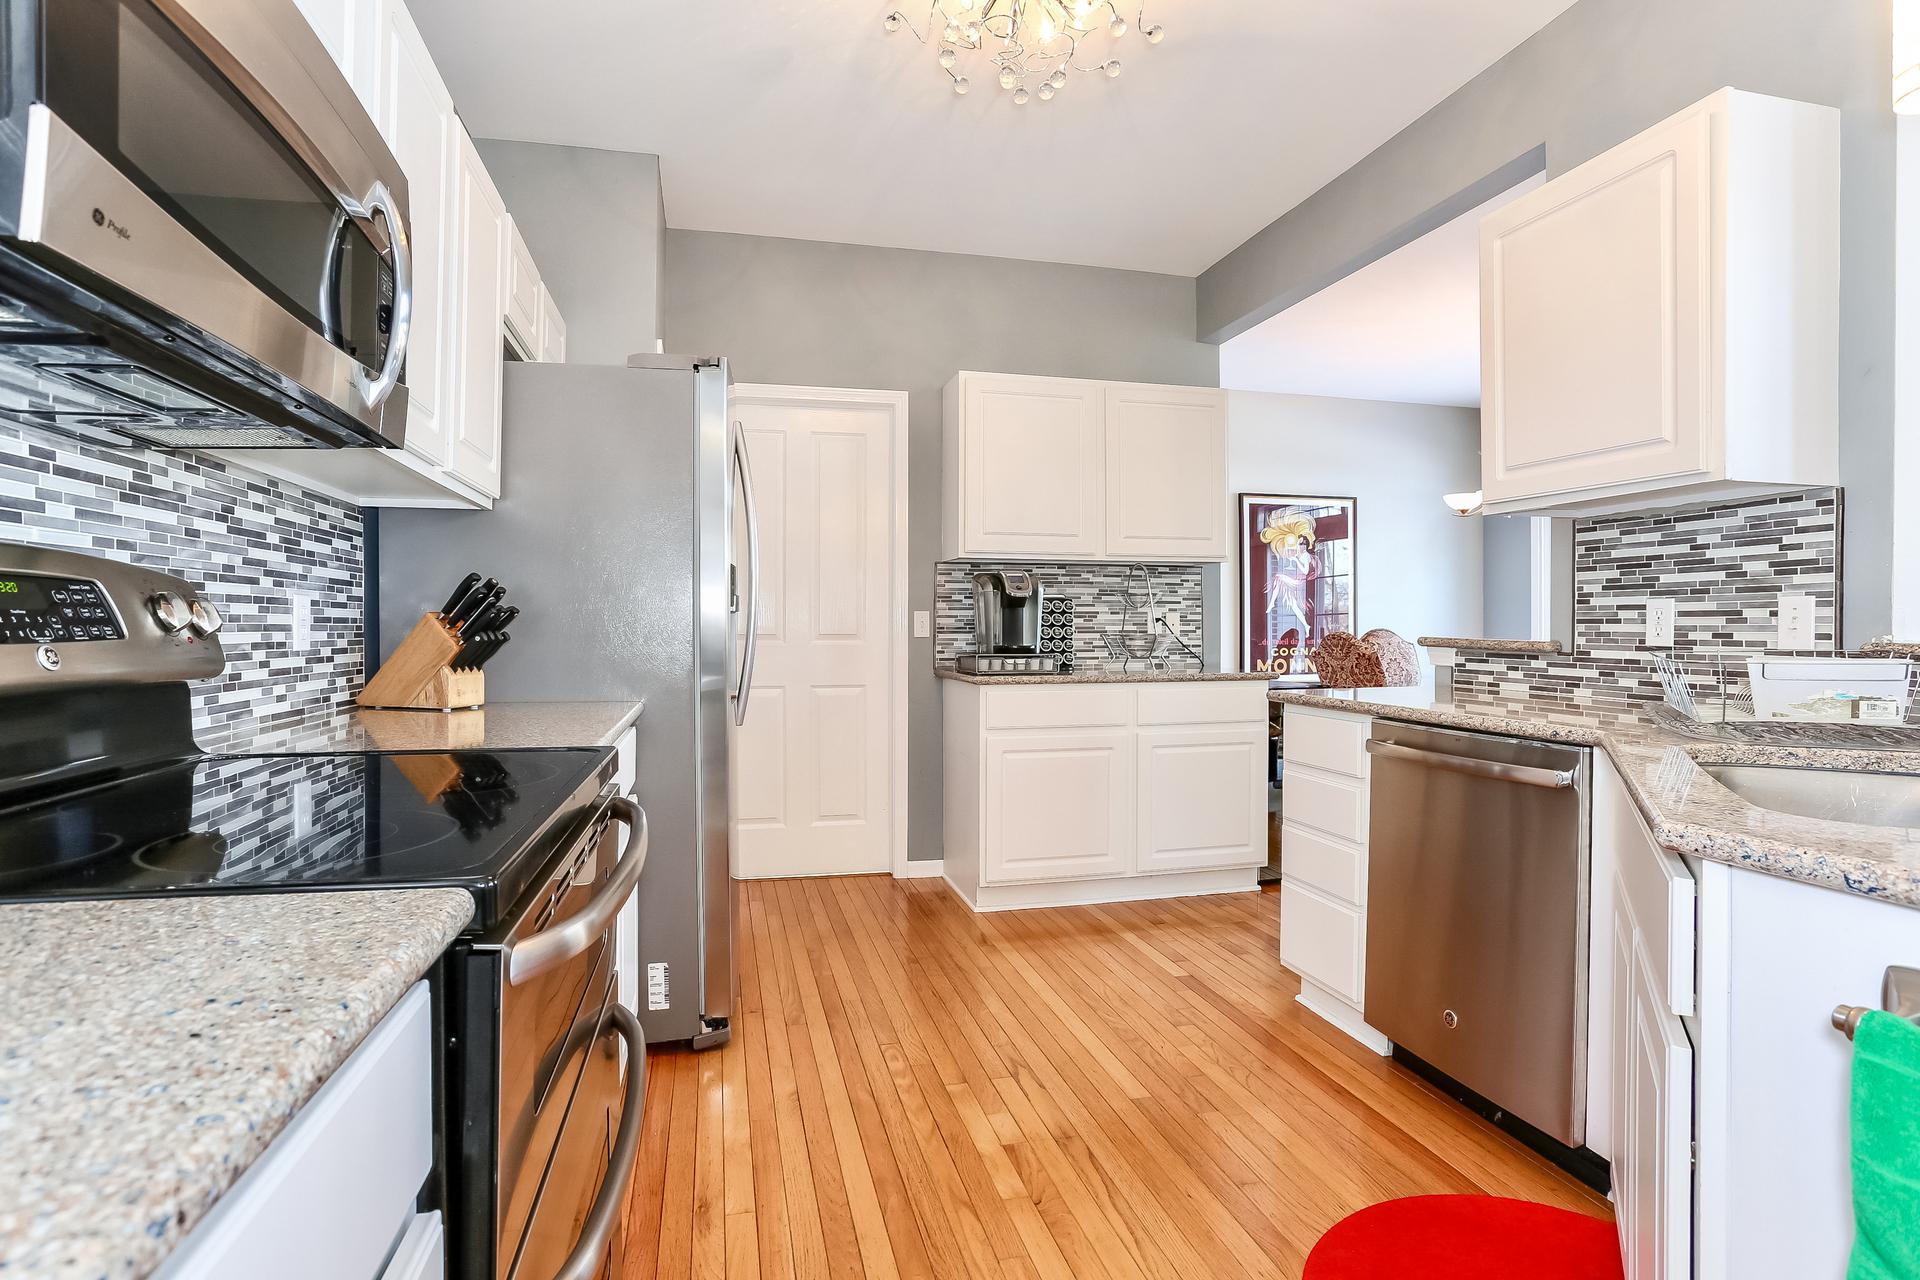 018-Kitchen-5199974-medium.jpg